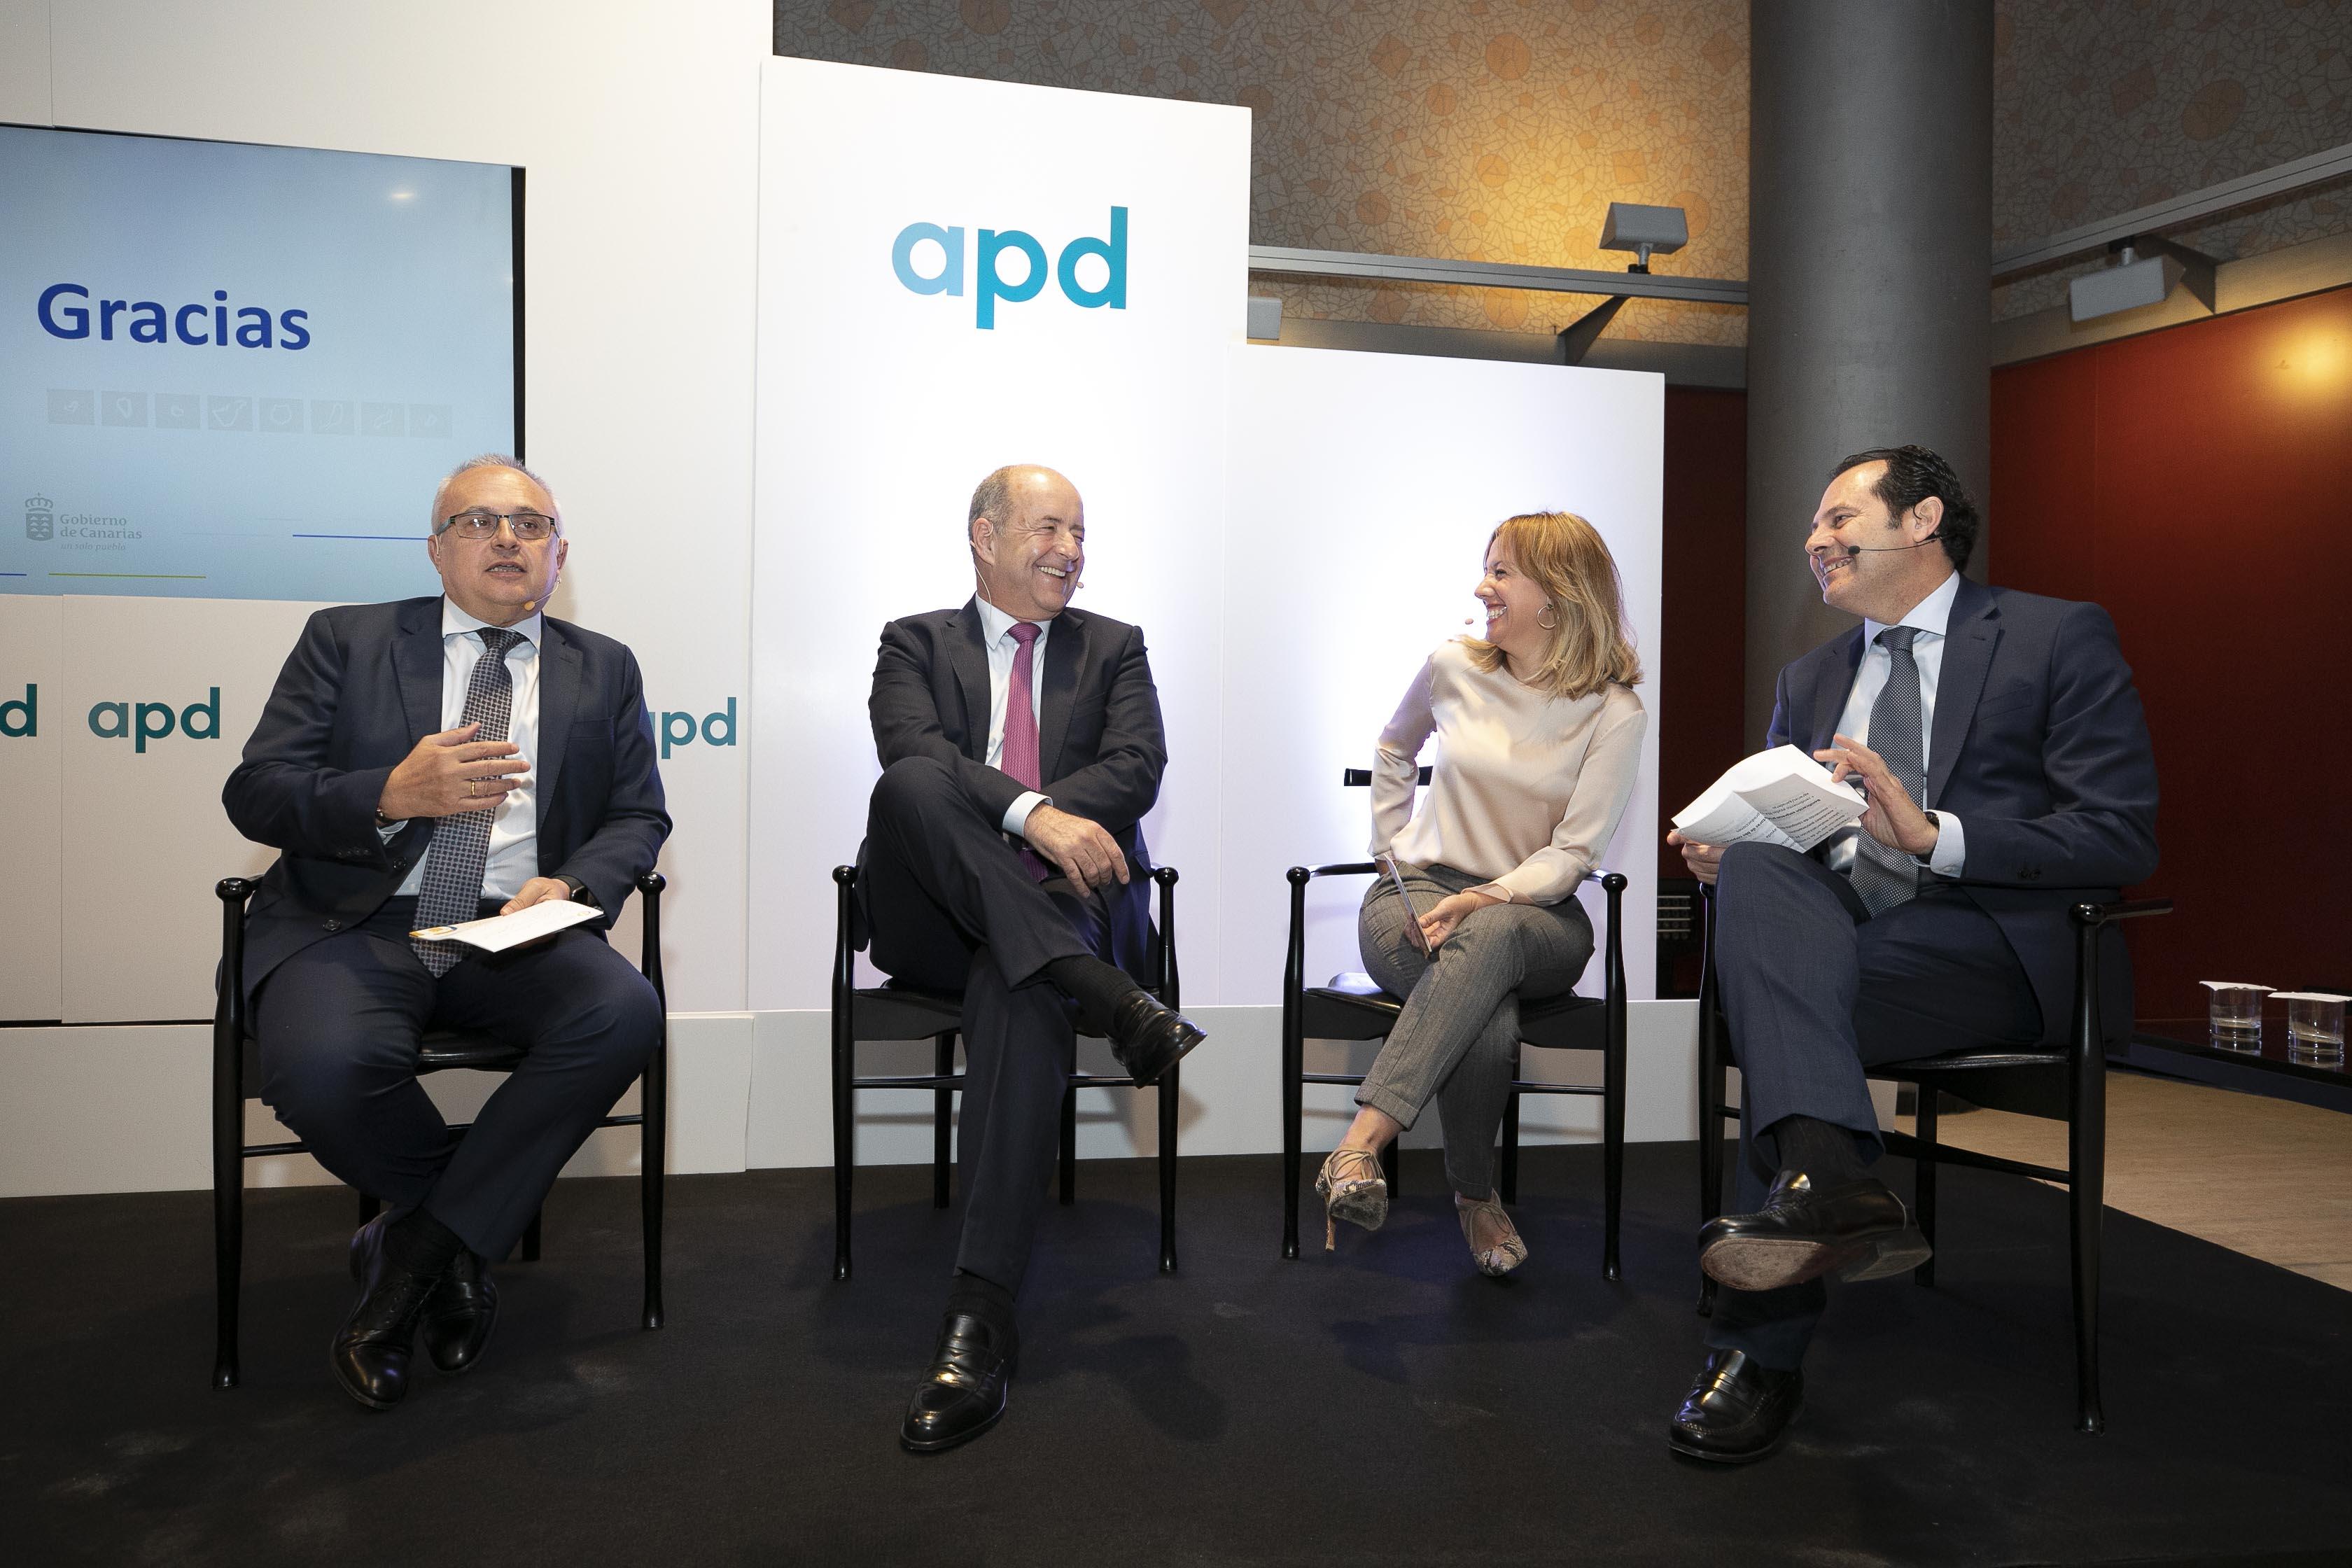 Pedro Ortega y Rosa Dávila en el debate de la APD sobre el nuevo REF.